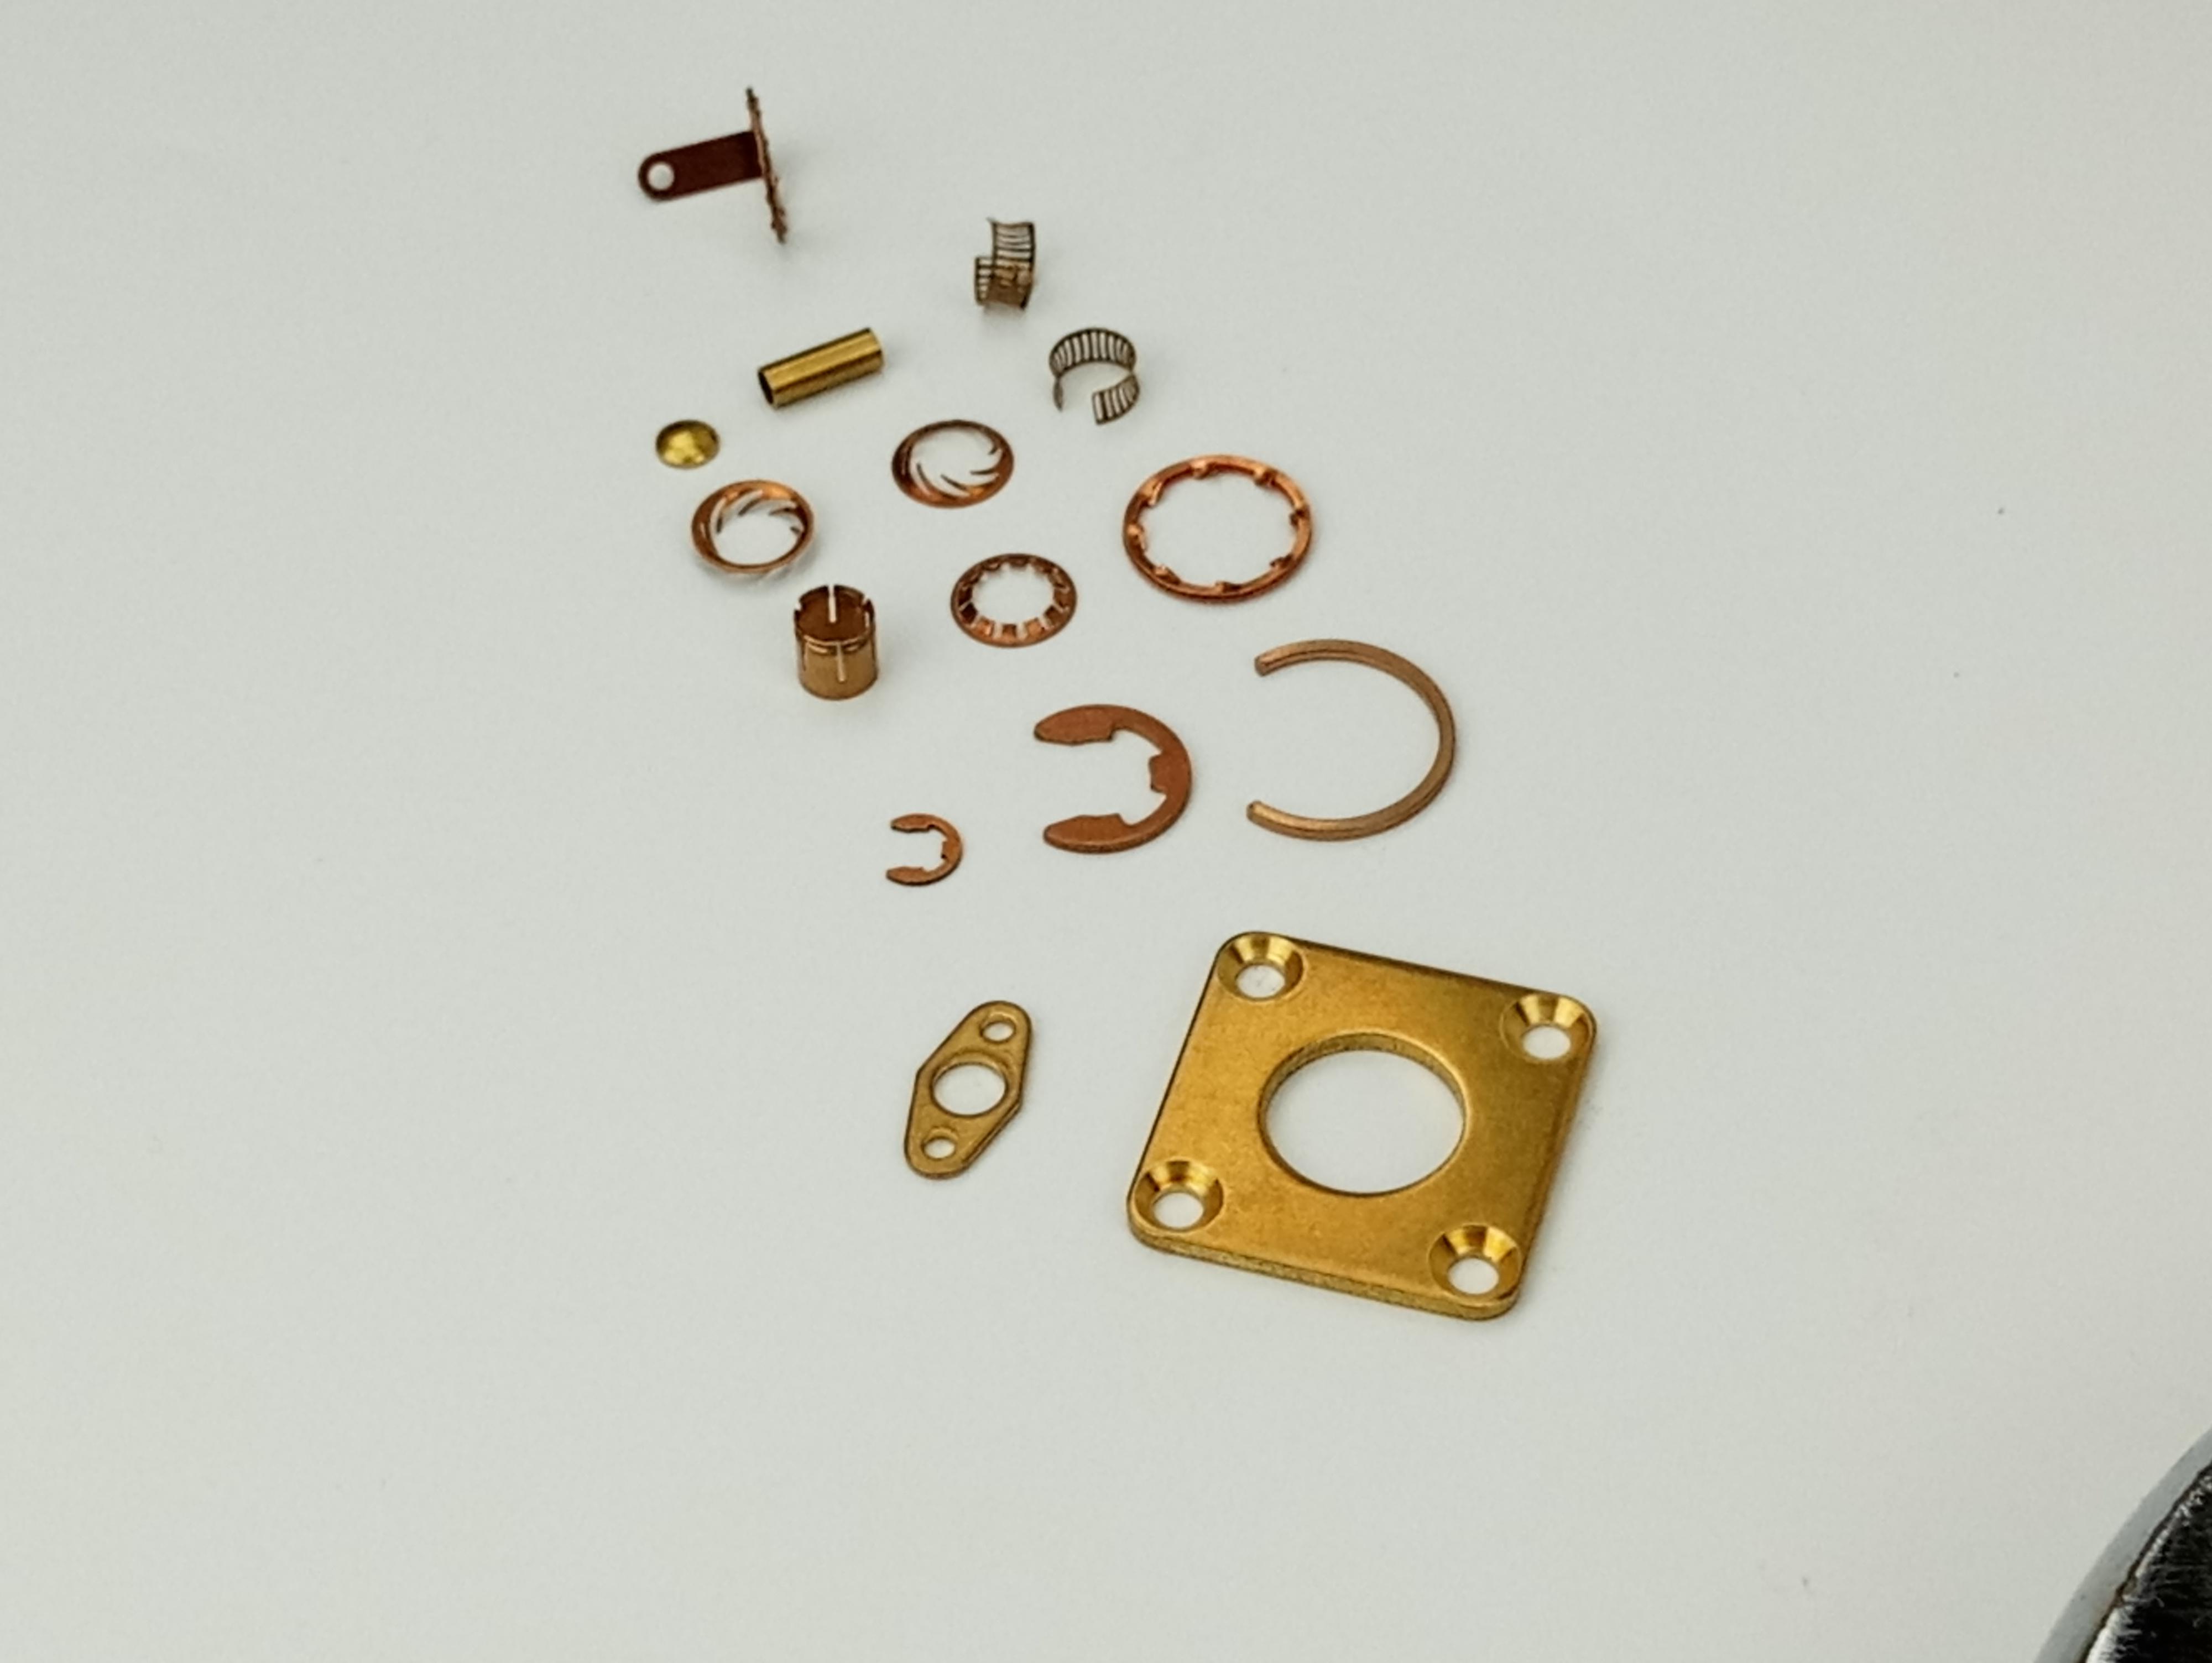 定制冲压件垫圈卡环簧套簧片焊片射频同轴连接器挡圈 定制冲压件内外卡簧卡环 国德美标铍青铜磷铜